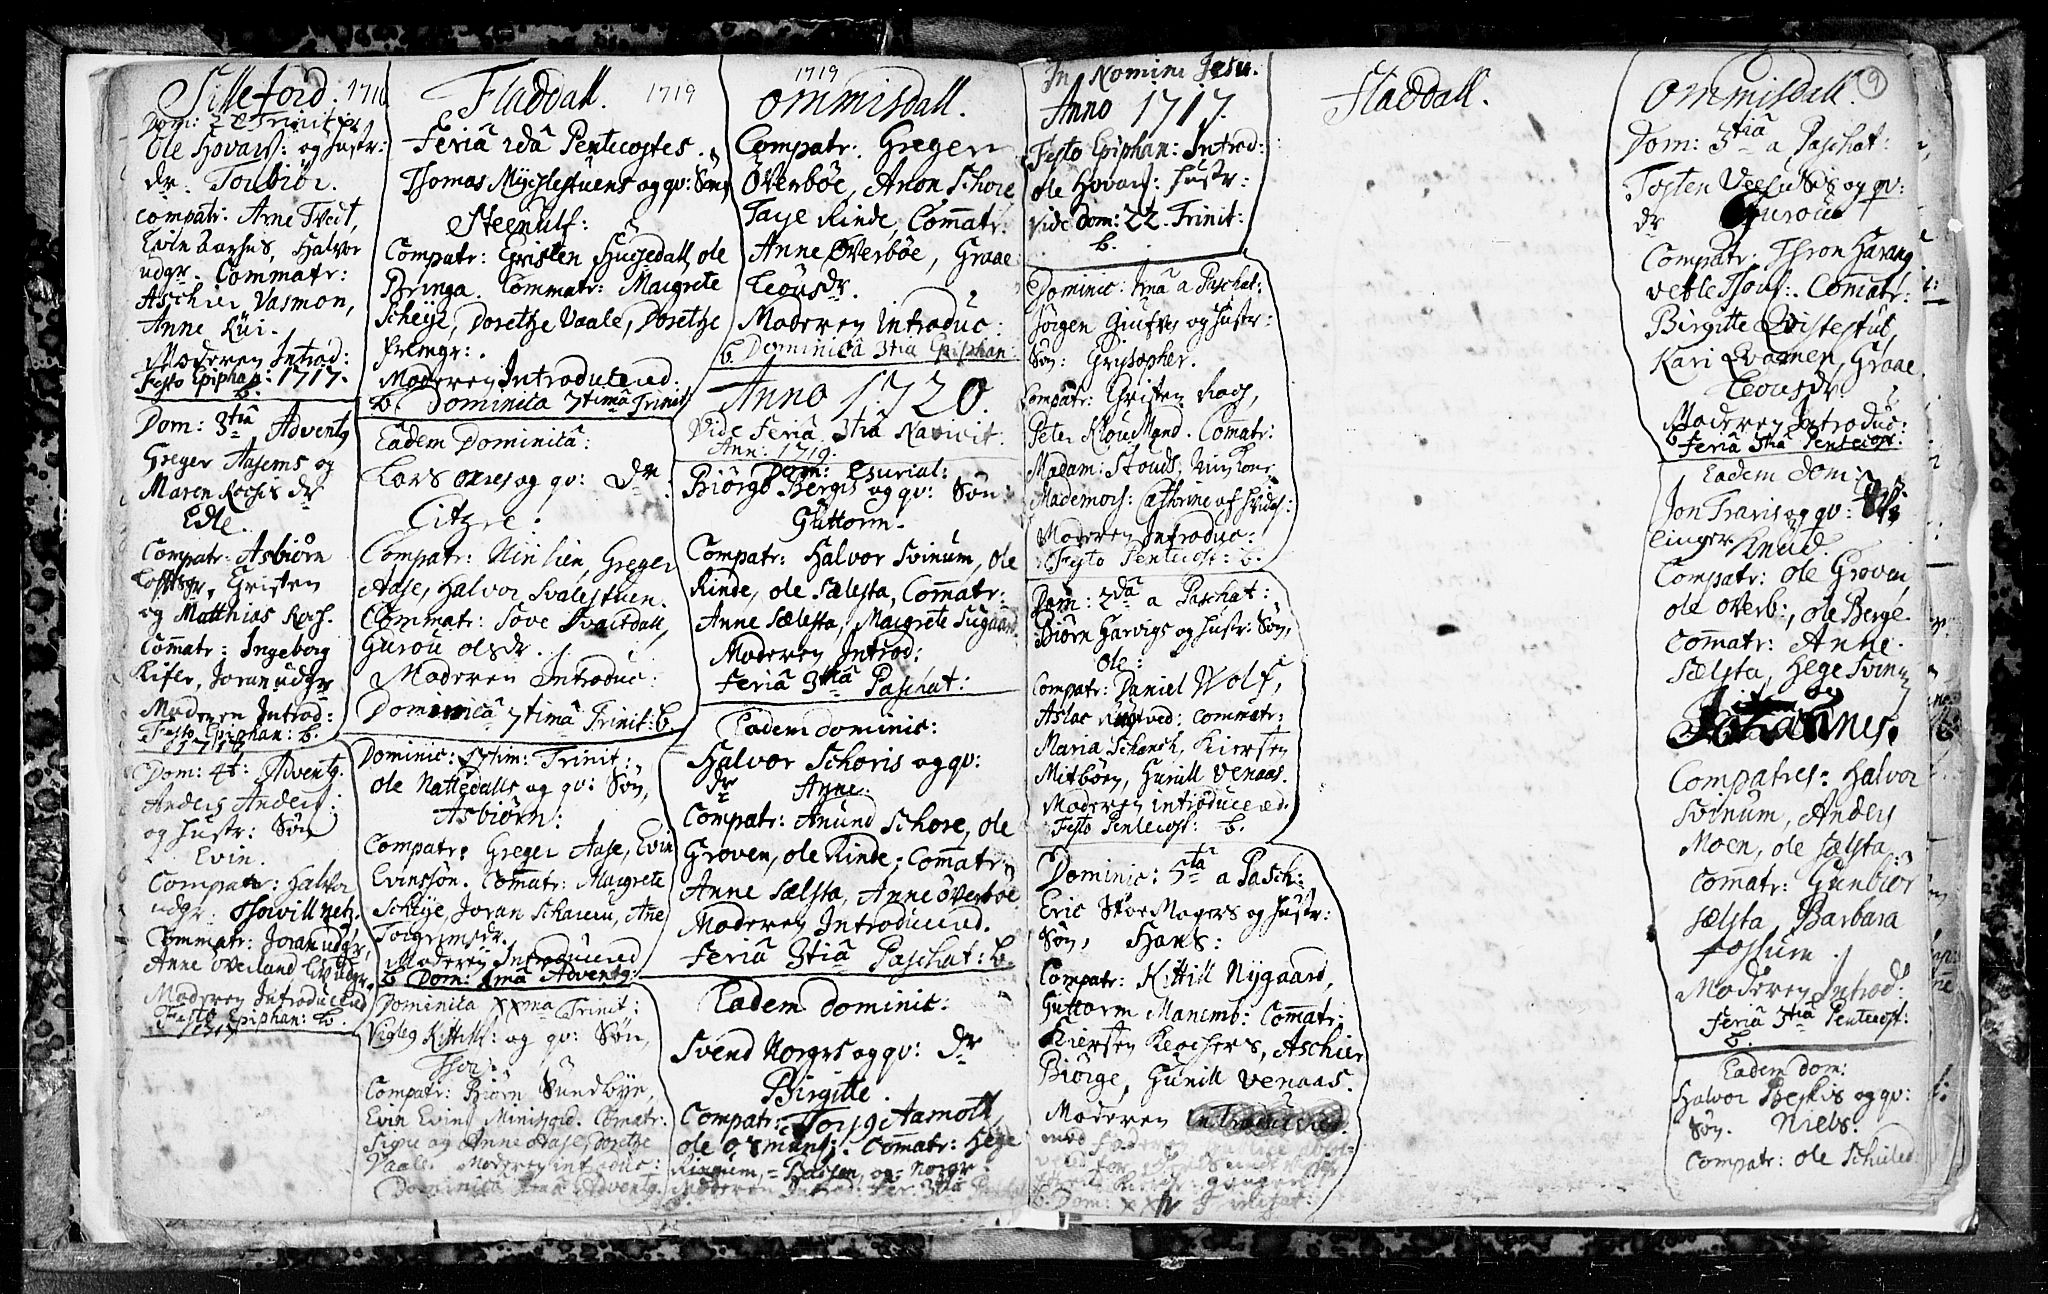 SAKO, Seljord kirkebøker, F/Fa/L0003: Ministerialbok nr. I 3, 1714-1725, s. 9